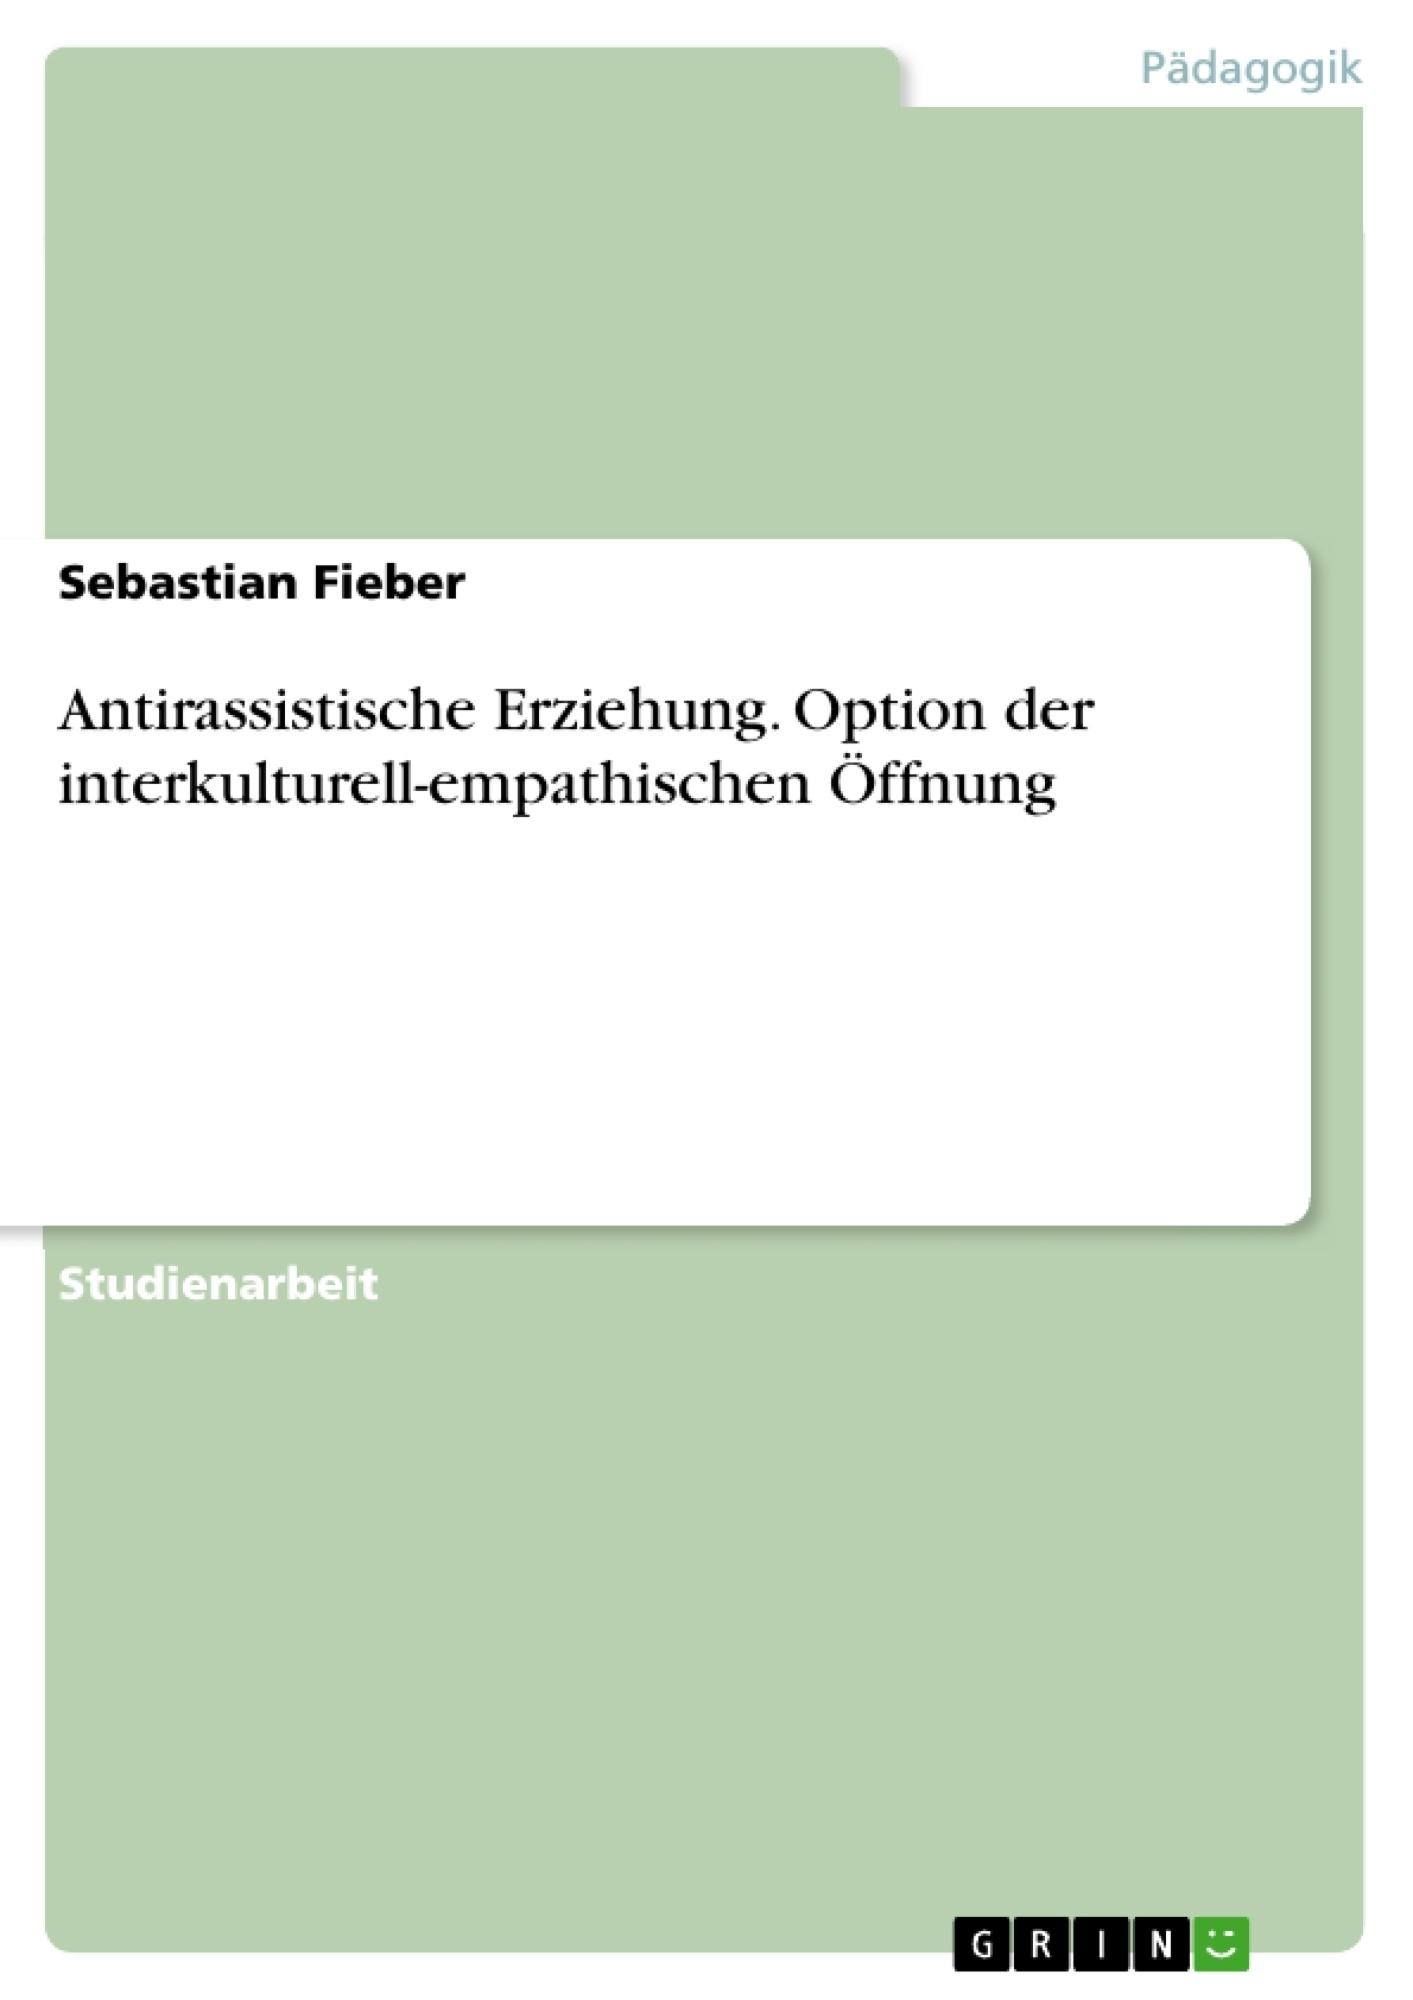 Titel: Antirassistische Erziehung. Option der interkulturell-empathischen Öffnung